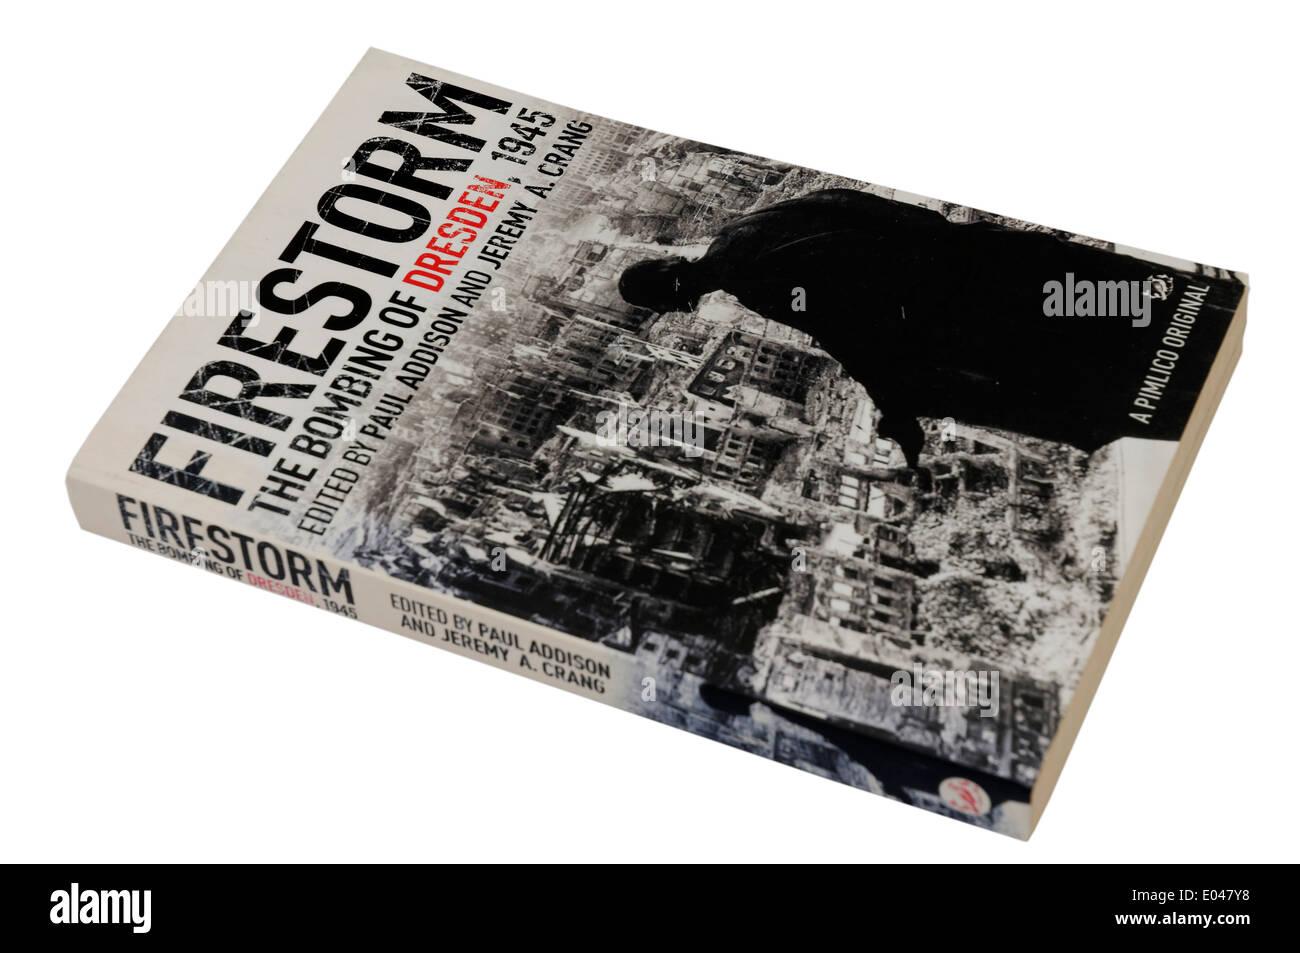 Firestorm: The Bombing of Dresden book - Stock Image